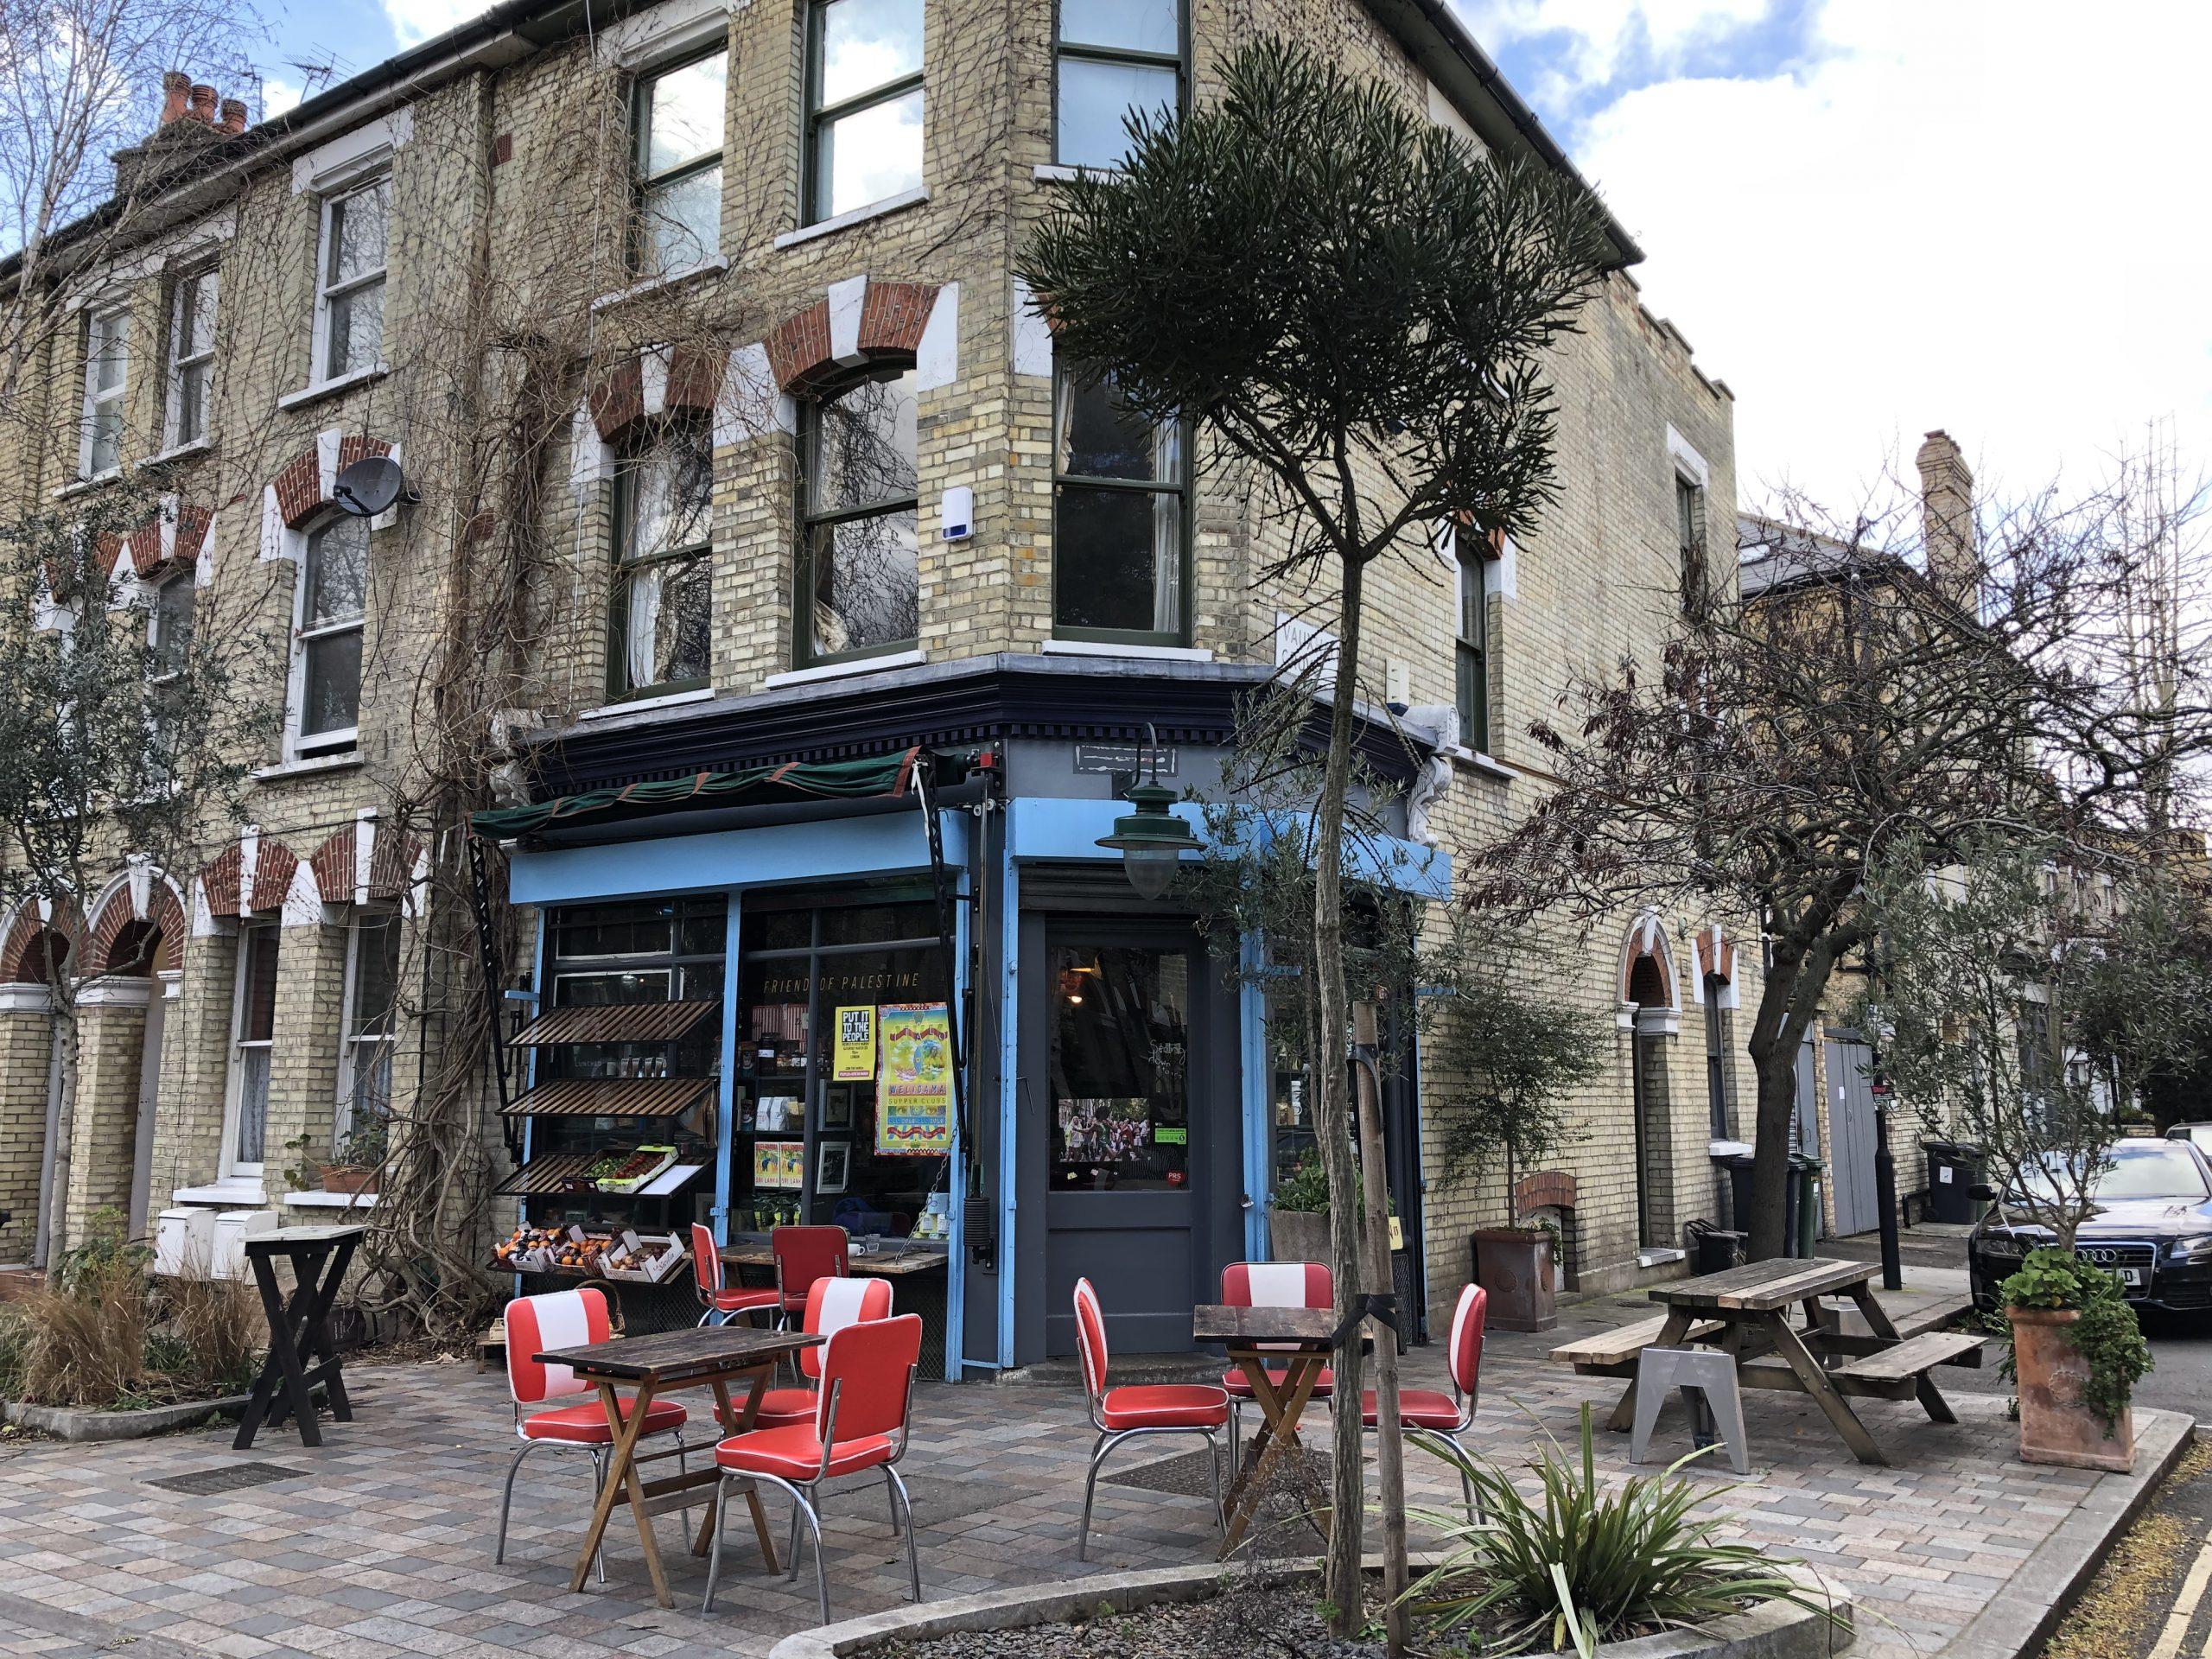 Charming Corner Cafe